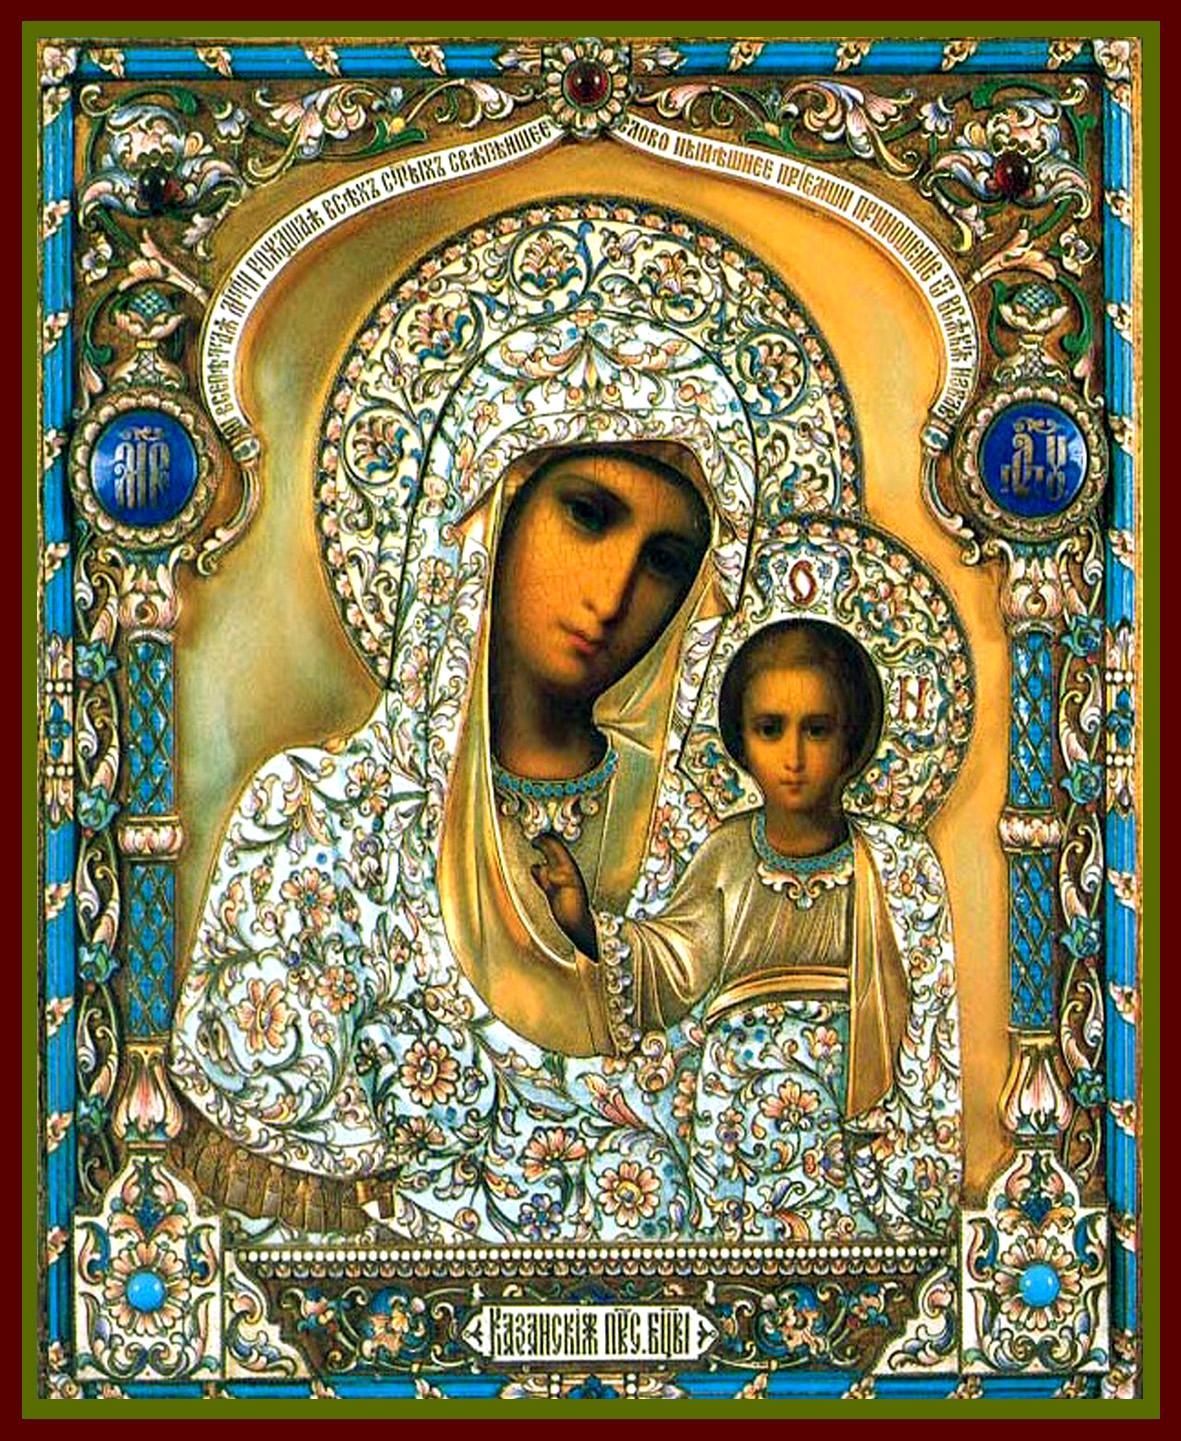 Православные Иконы ч.2 (640 икон) (1 часть ...: nevsepic.com.ua/religiya/13287-pravoslavnye-ikony-ch.2-640-ikon-1...